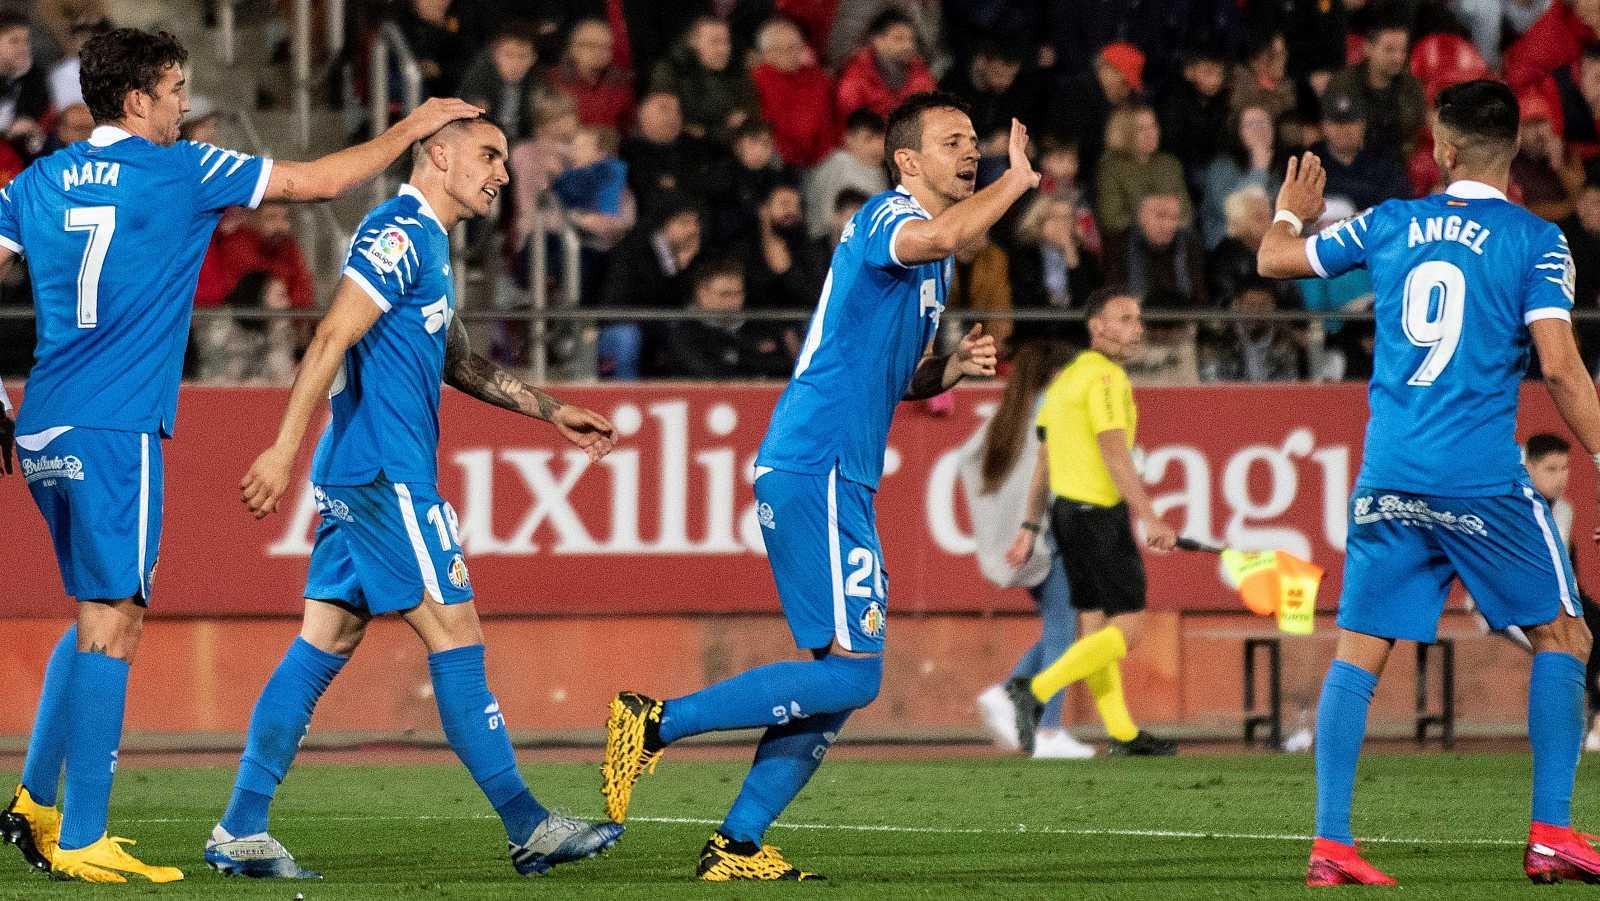 Los jugadores del Getafe, Jaime Mata (i), Mauro Arambarri (i2) y Ángel Rodríguez (d) celebran el gol del serbio Nemanja Maksimovic (d1) ante el Mallorca